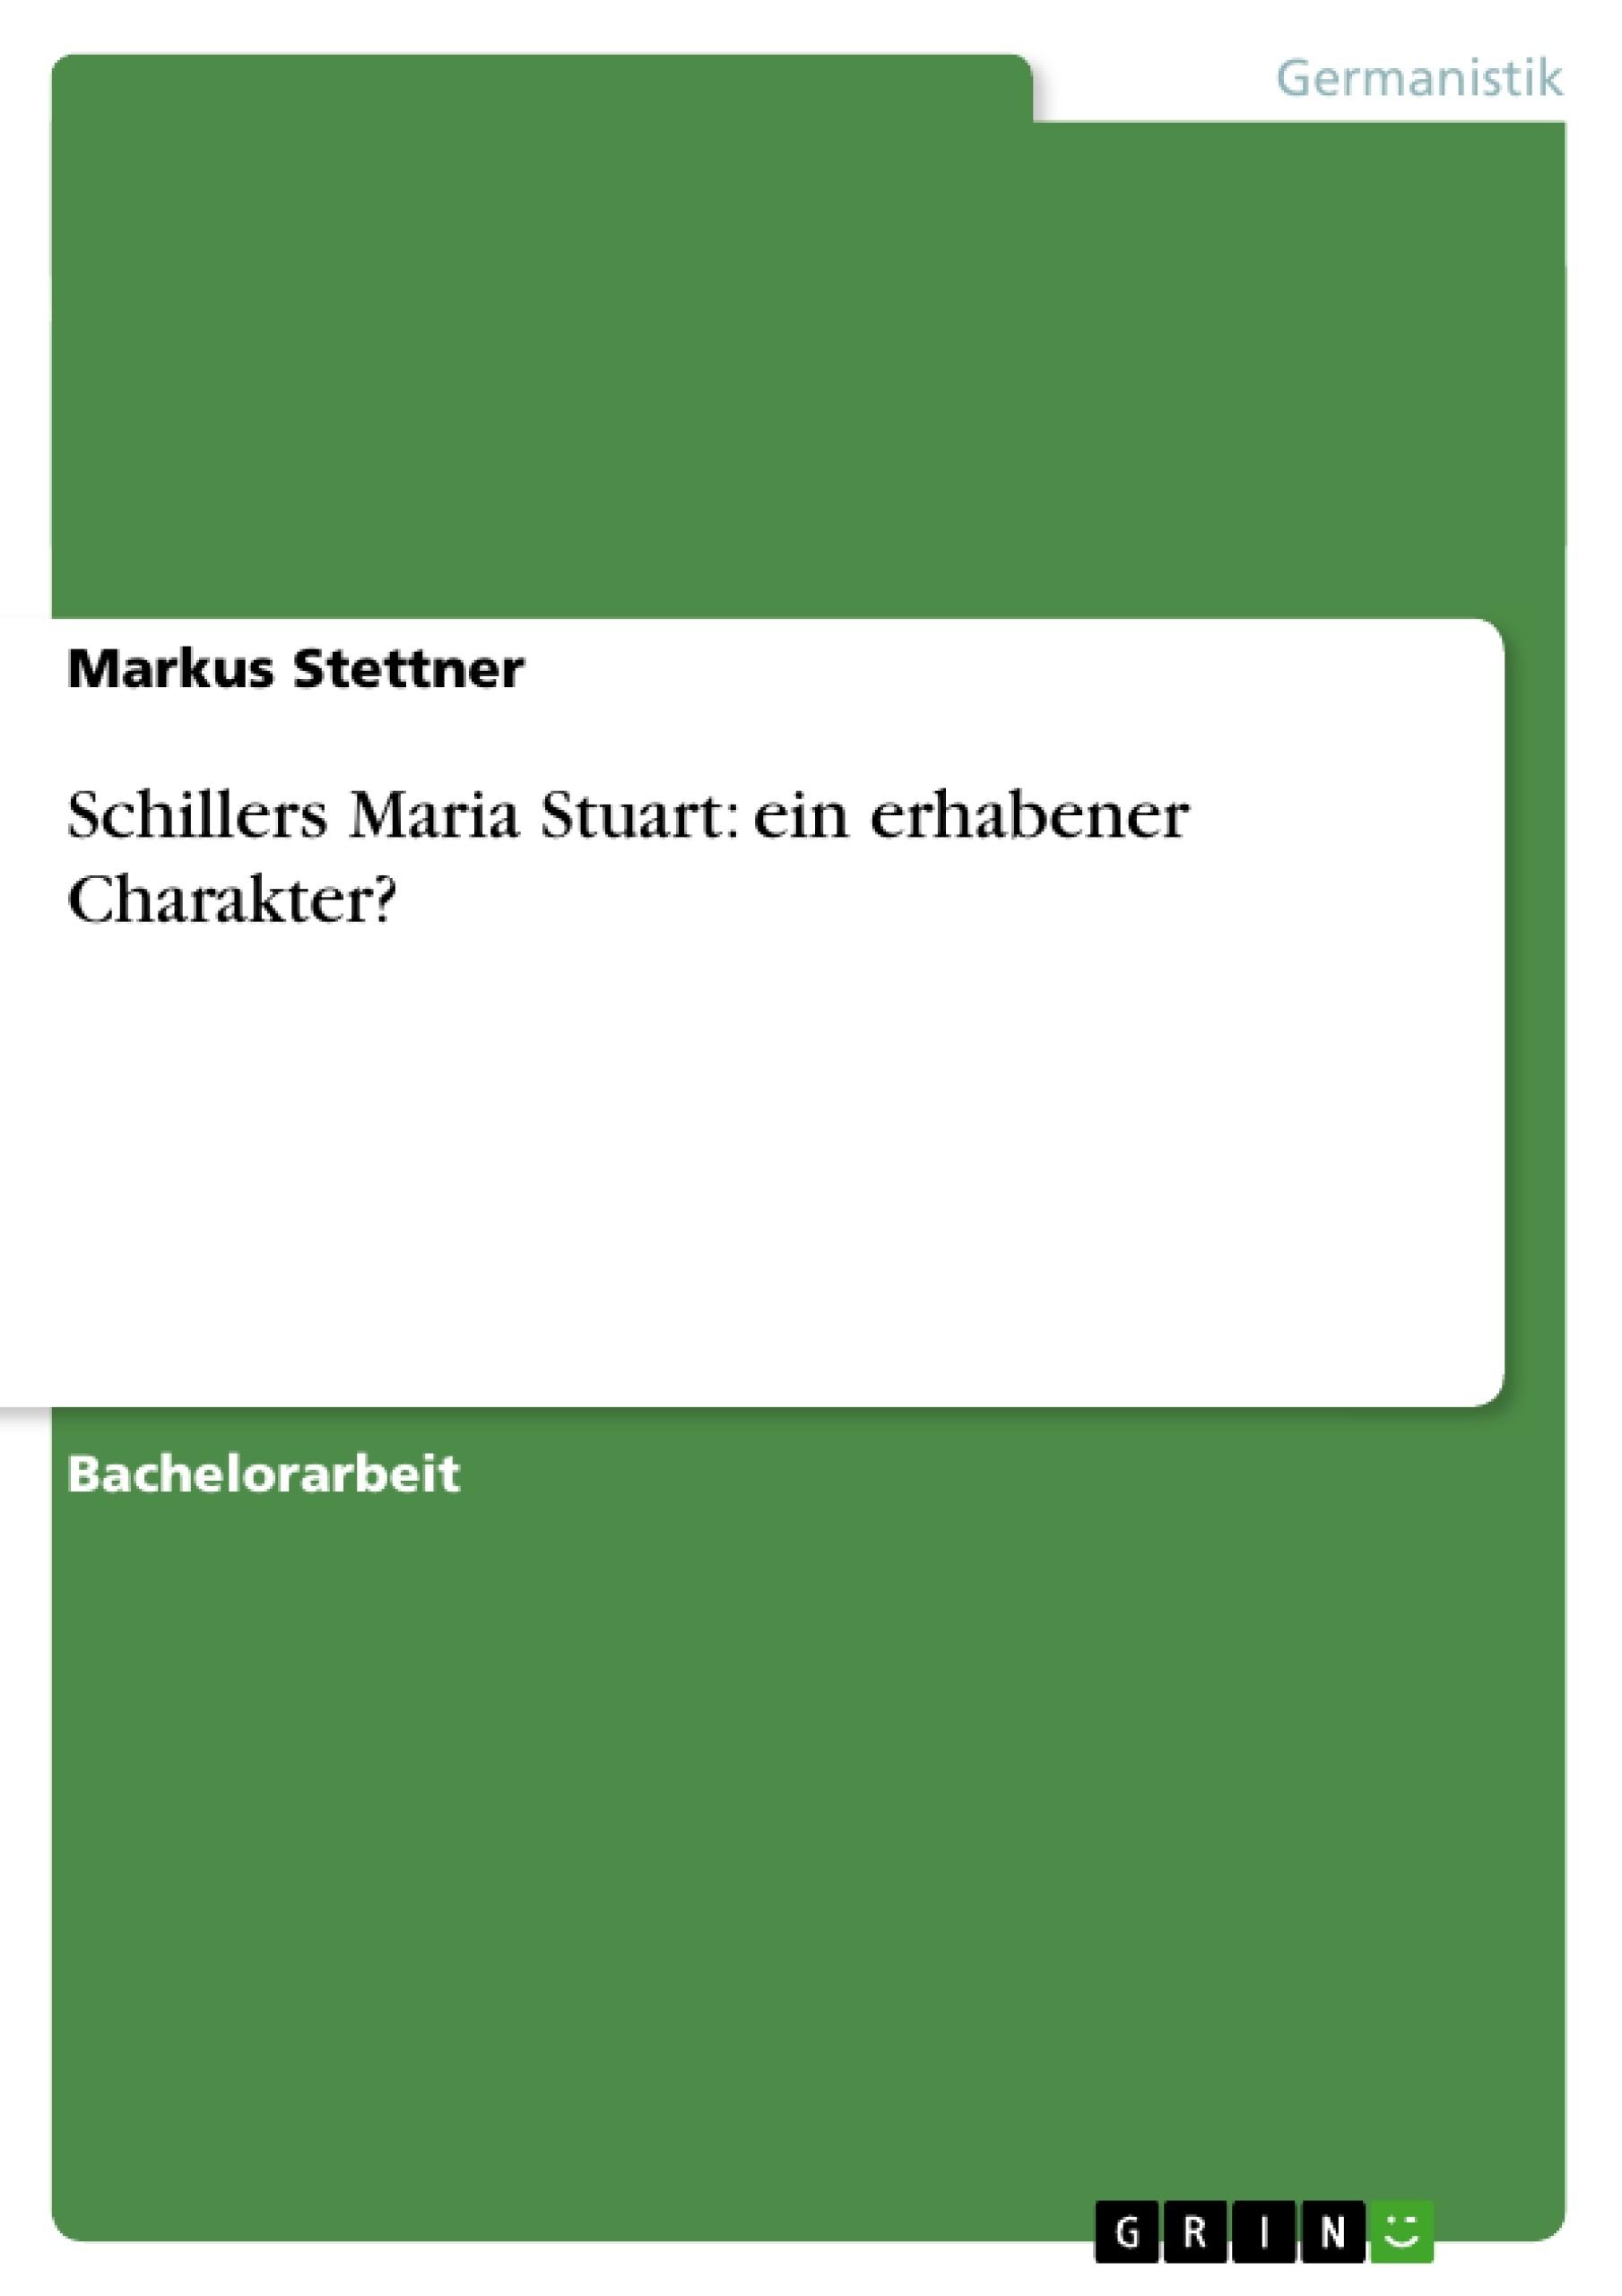 Titel: Schillers Maria Stuart: ein erhabener Charakter?